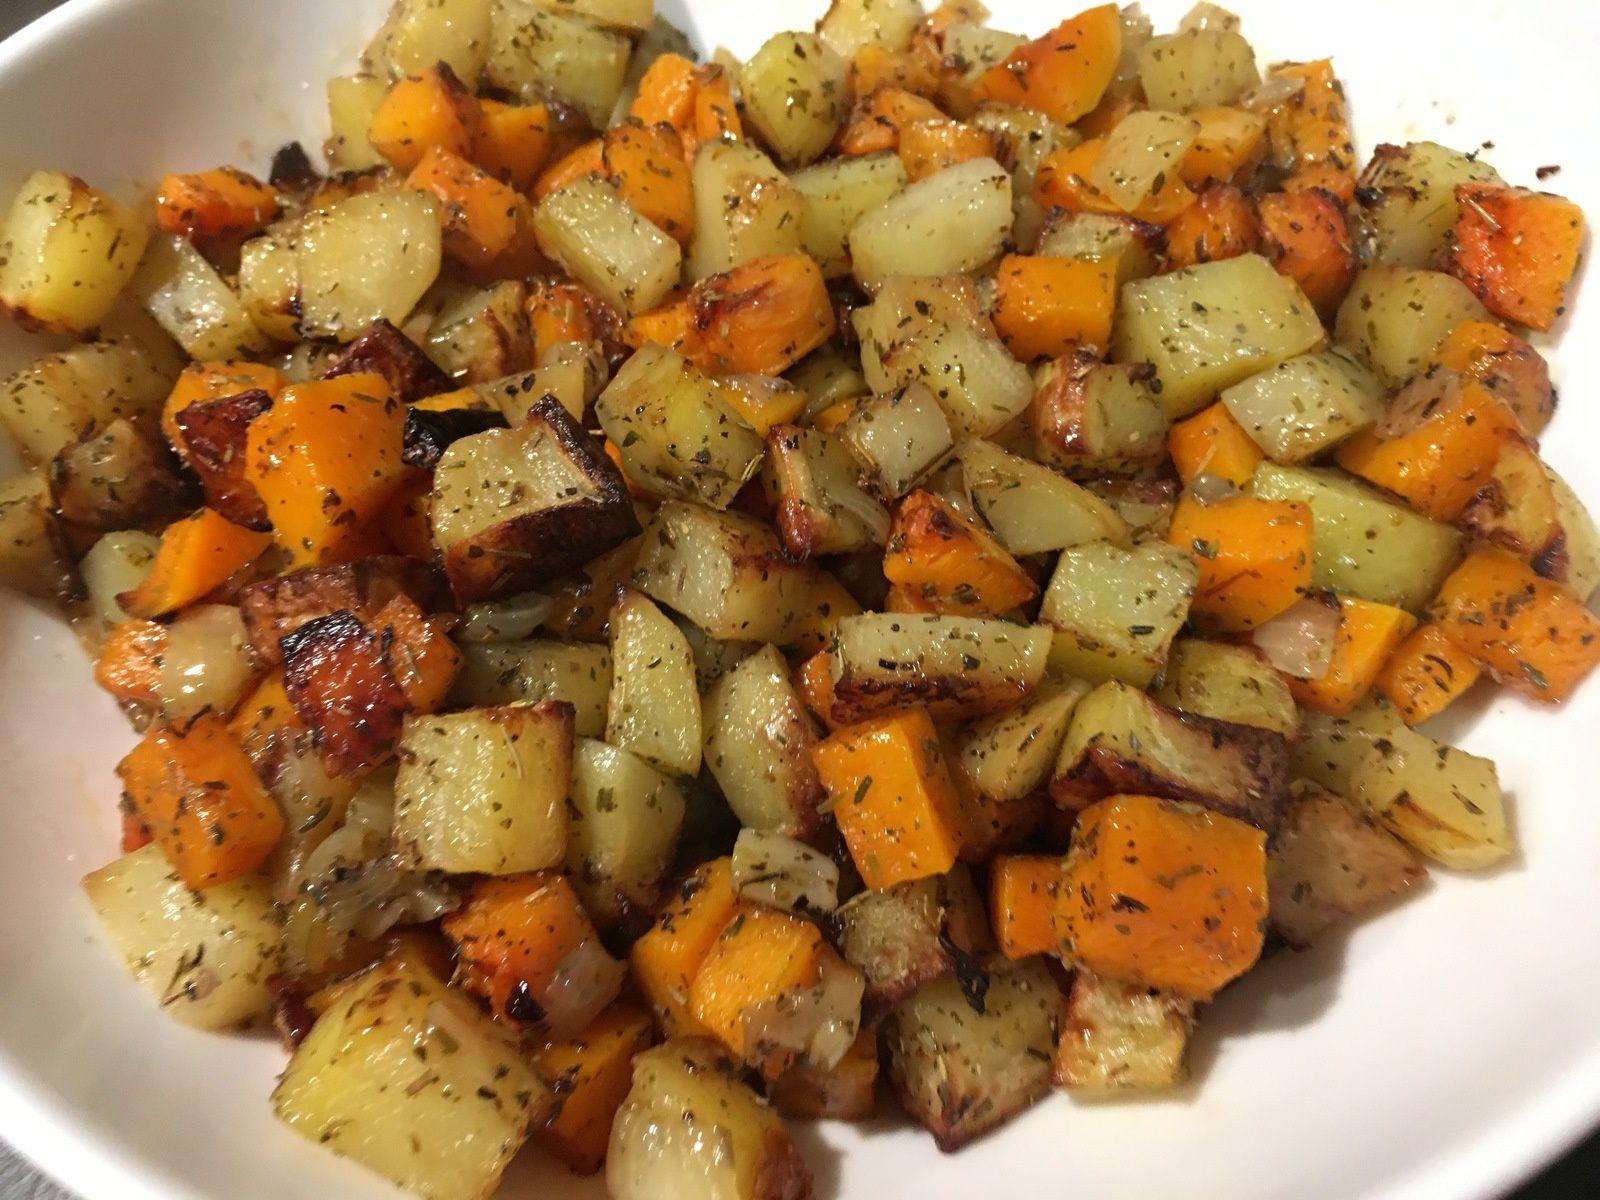 Butternut et pommes de terre rôties au four